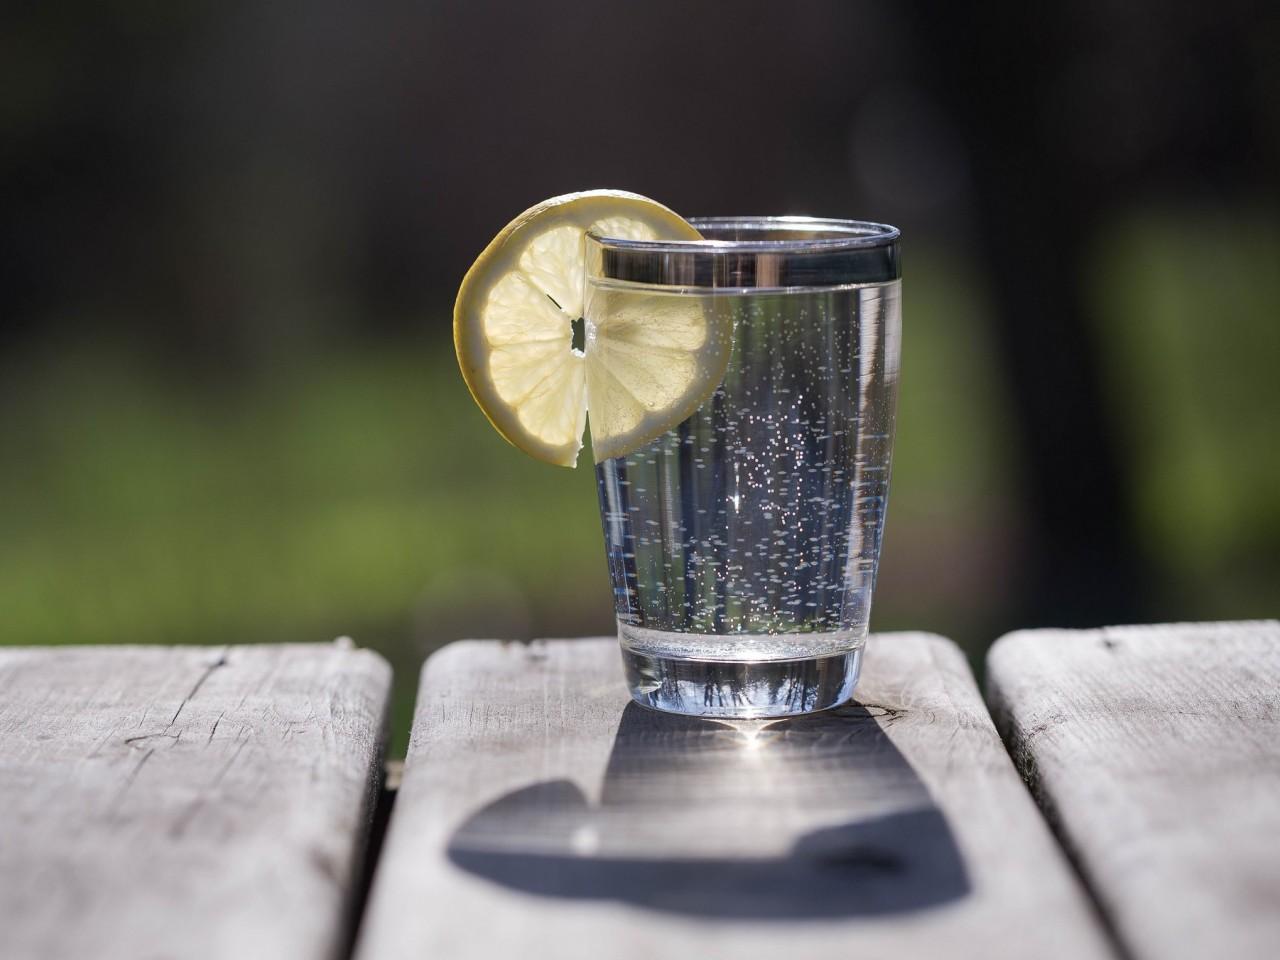 Японская методика лечения водой: самый простой путь к здоровью